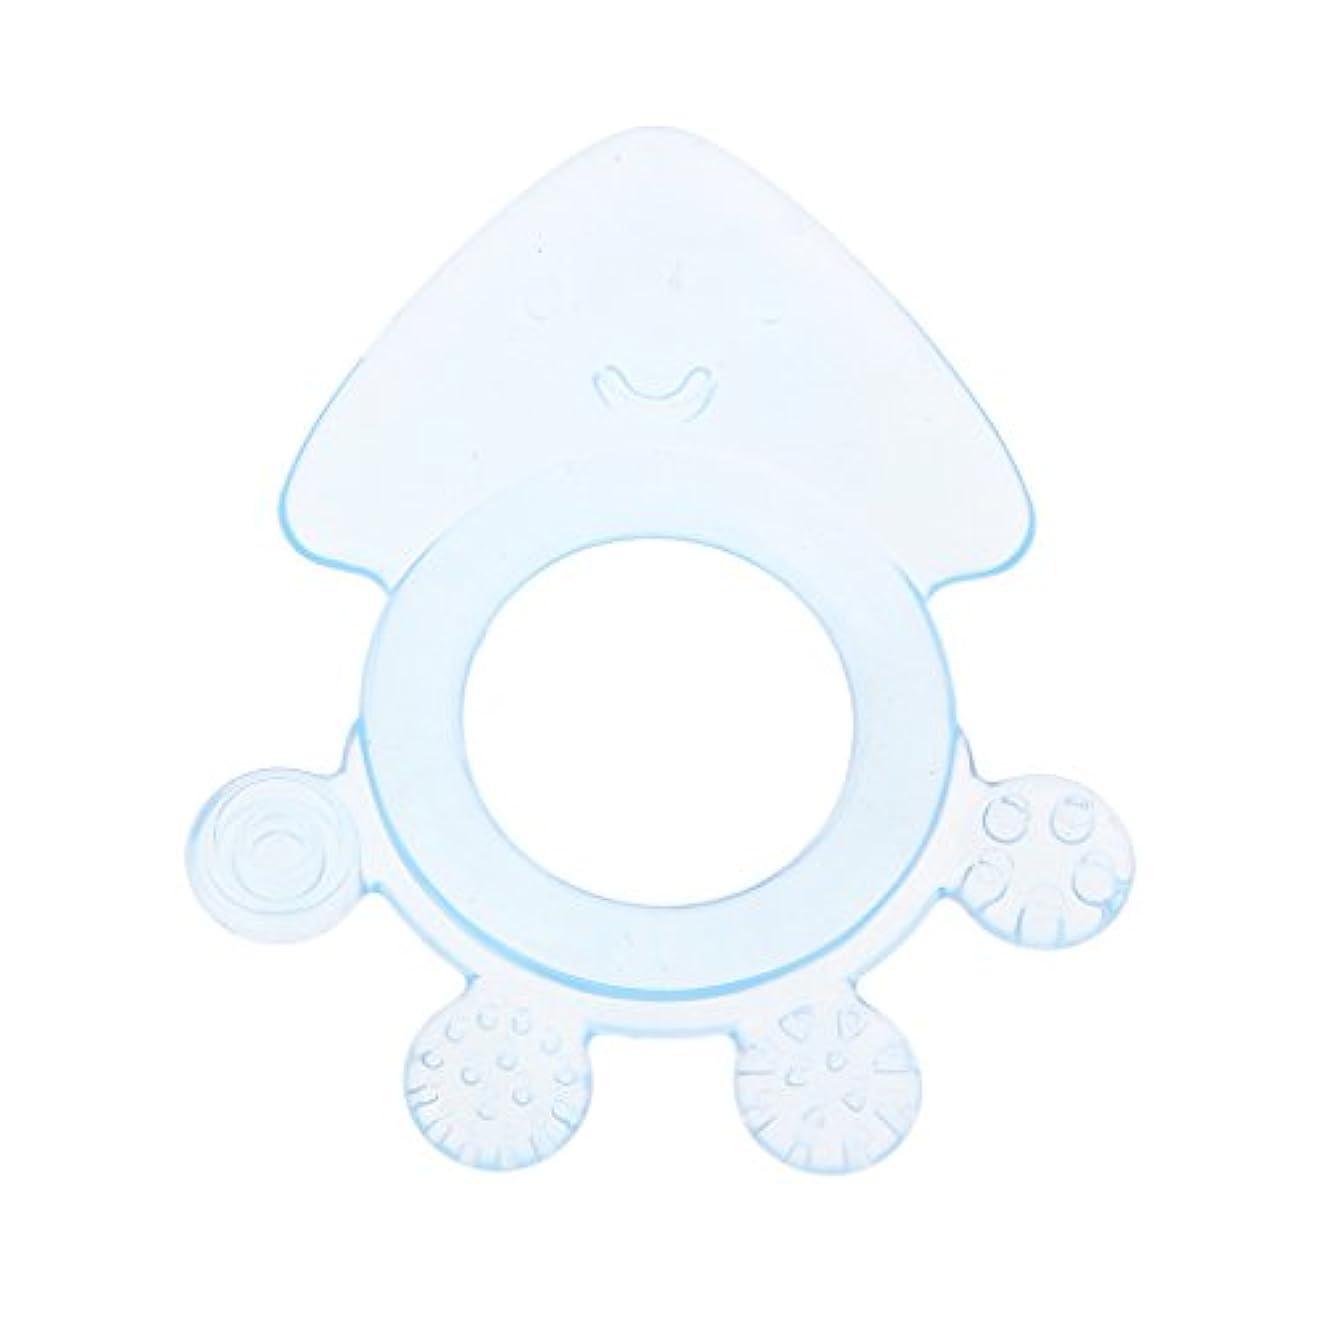 Landdumシリコーンおしゃぶりタコ赤ちゃんおしゃぶり赤ちゃん看護玩具かむ玩具歯が生えるガラガラおもちゃ - 青